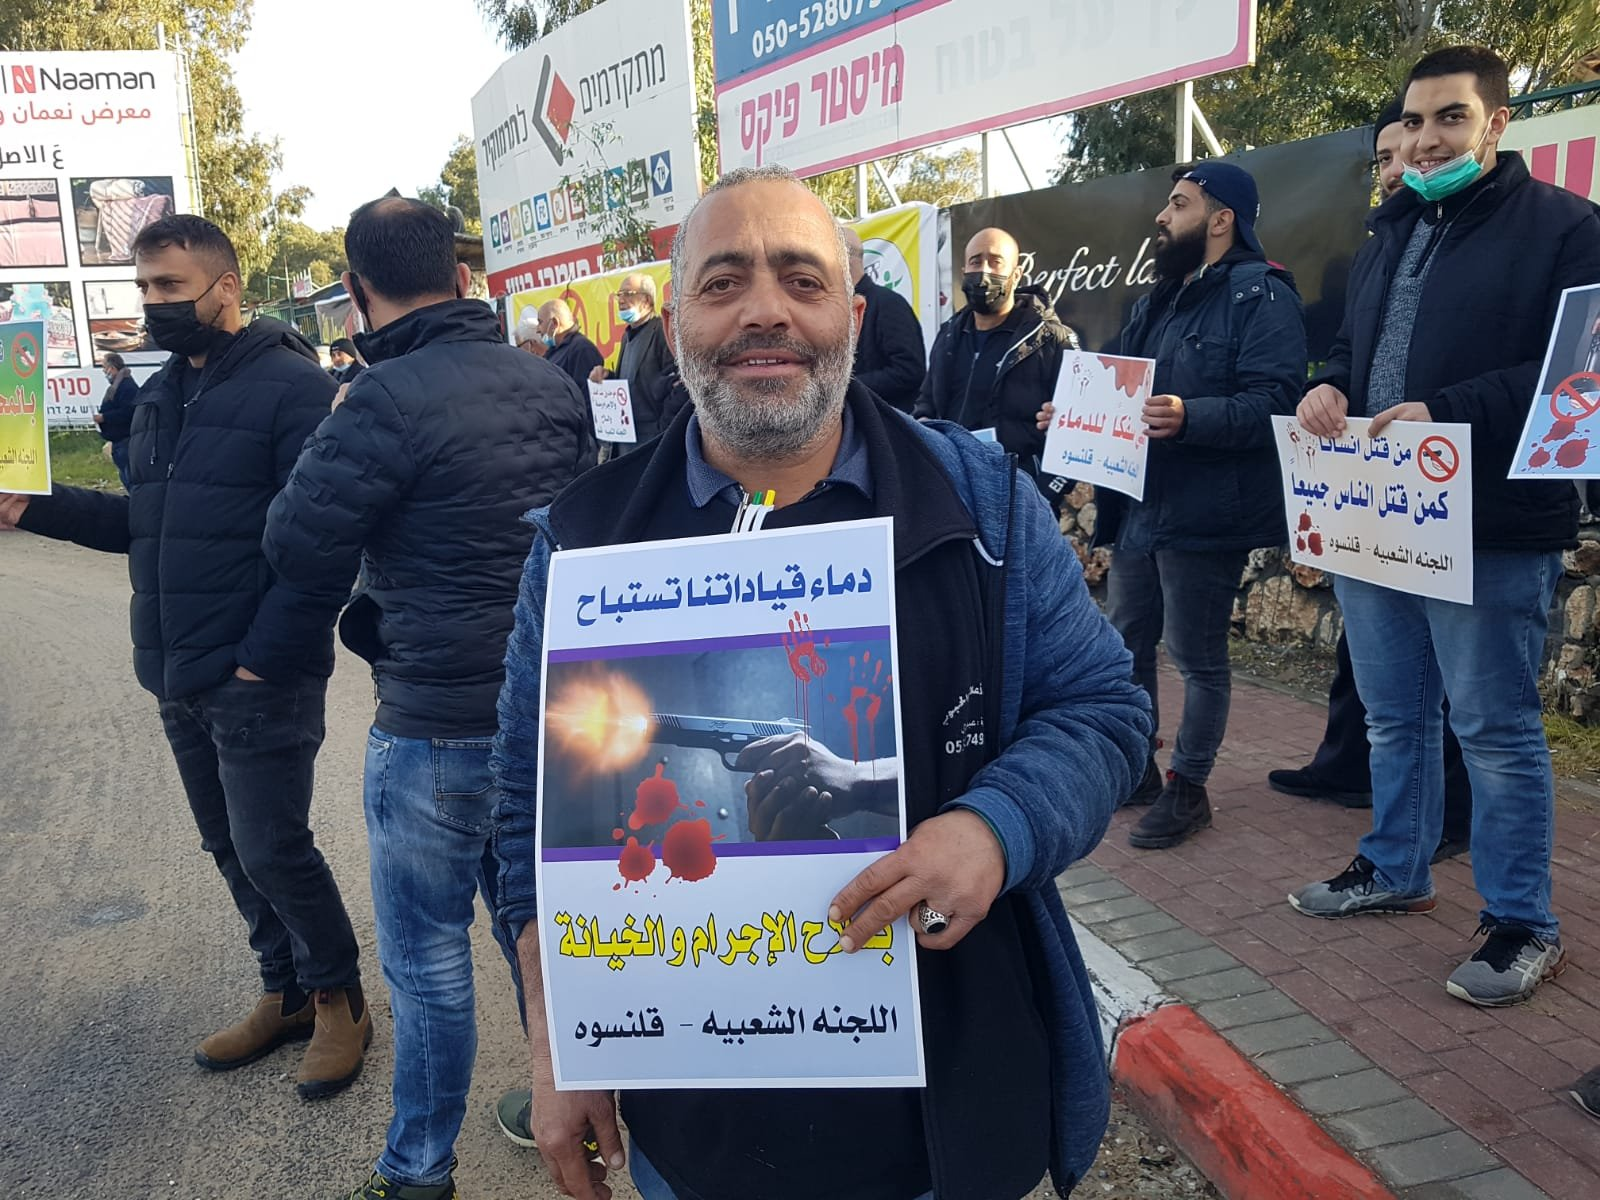 قلنسوة تتظاهر ضد العنف-3